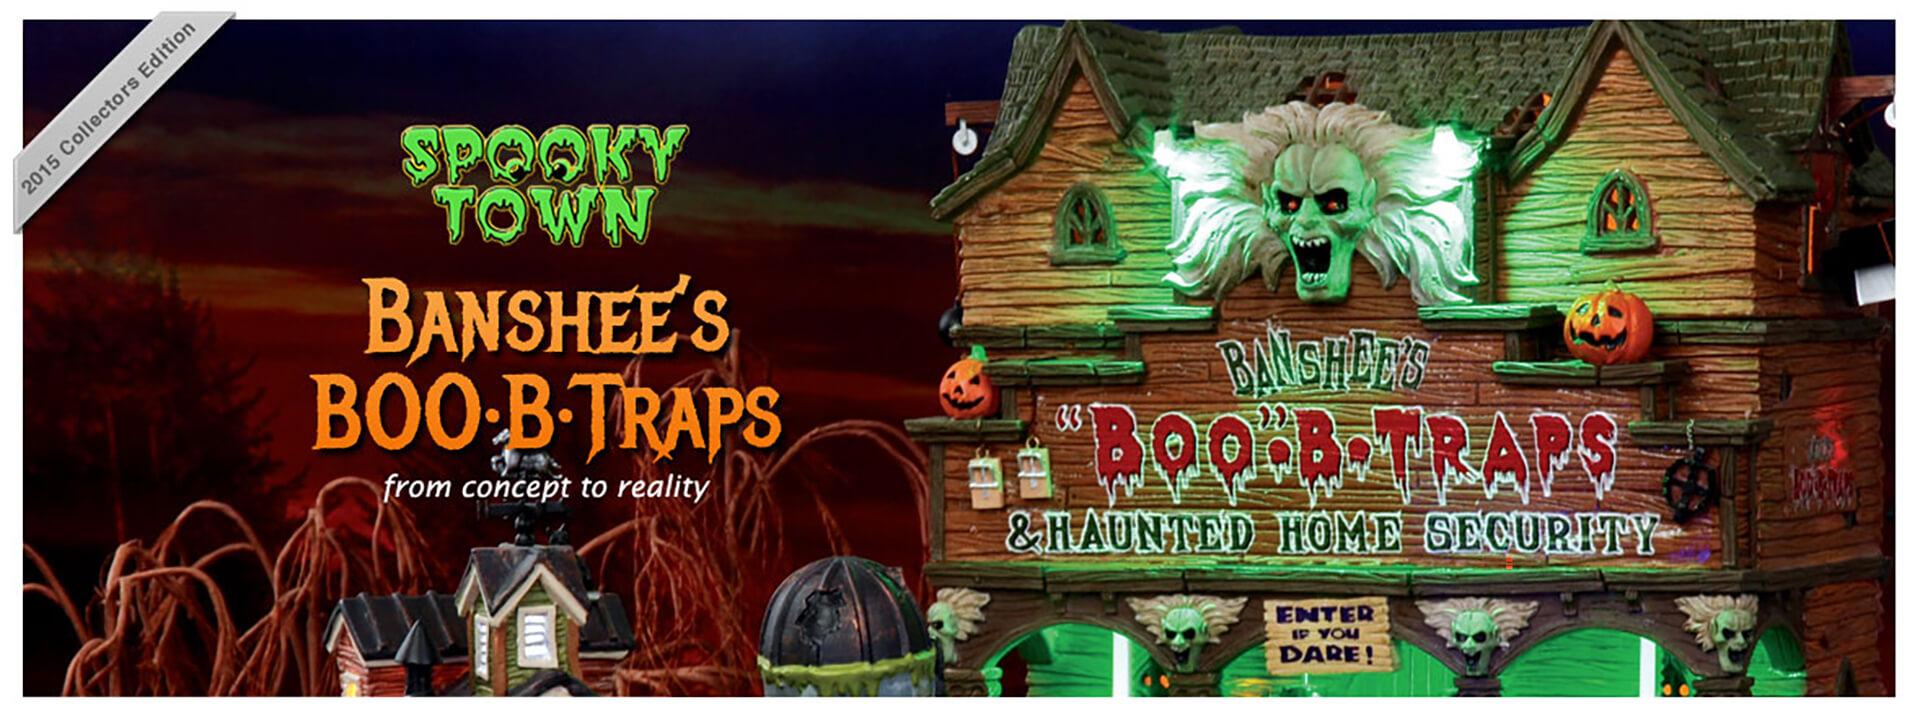 Banshee Boo-B-Traps